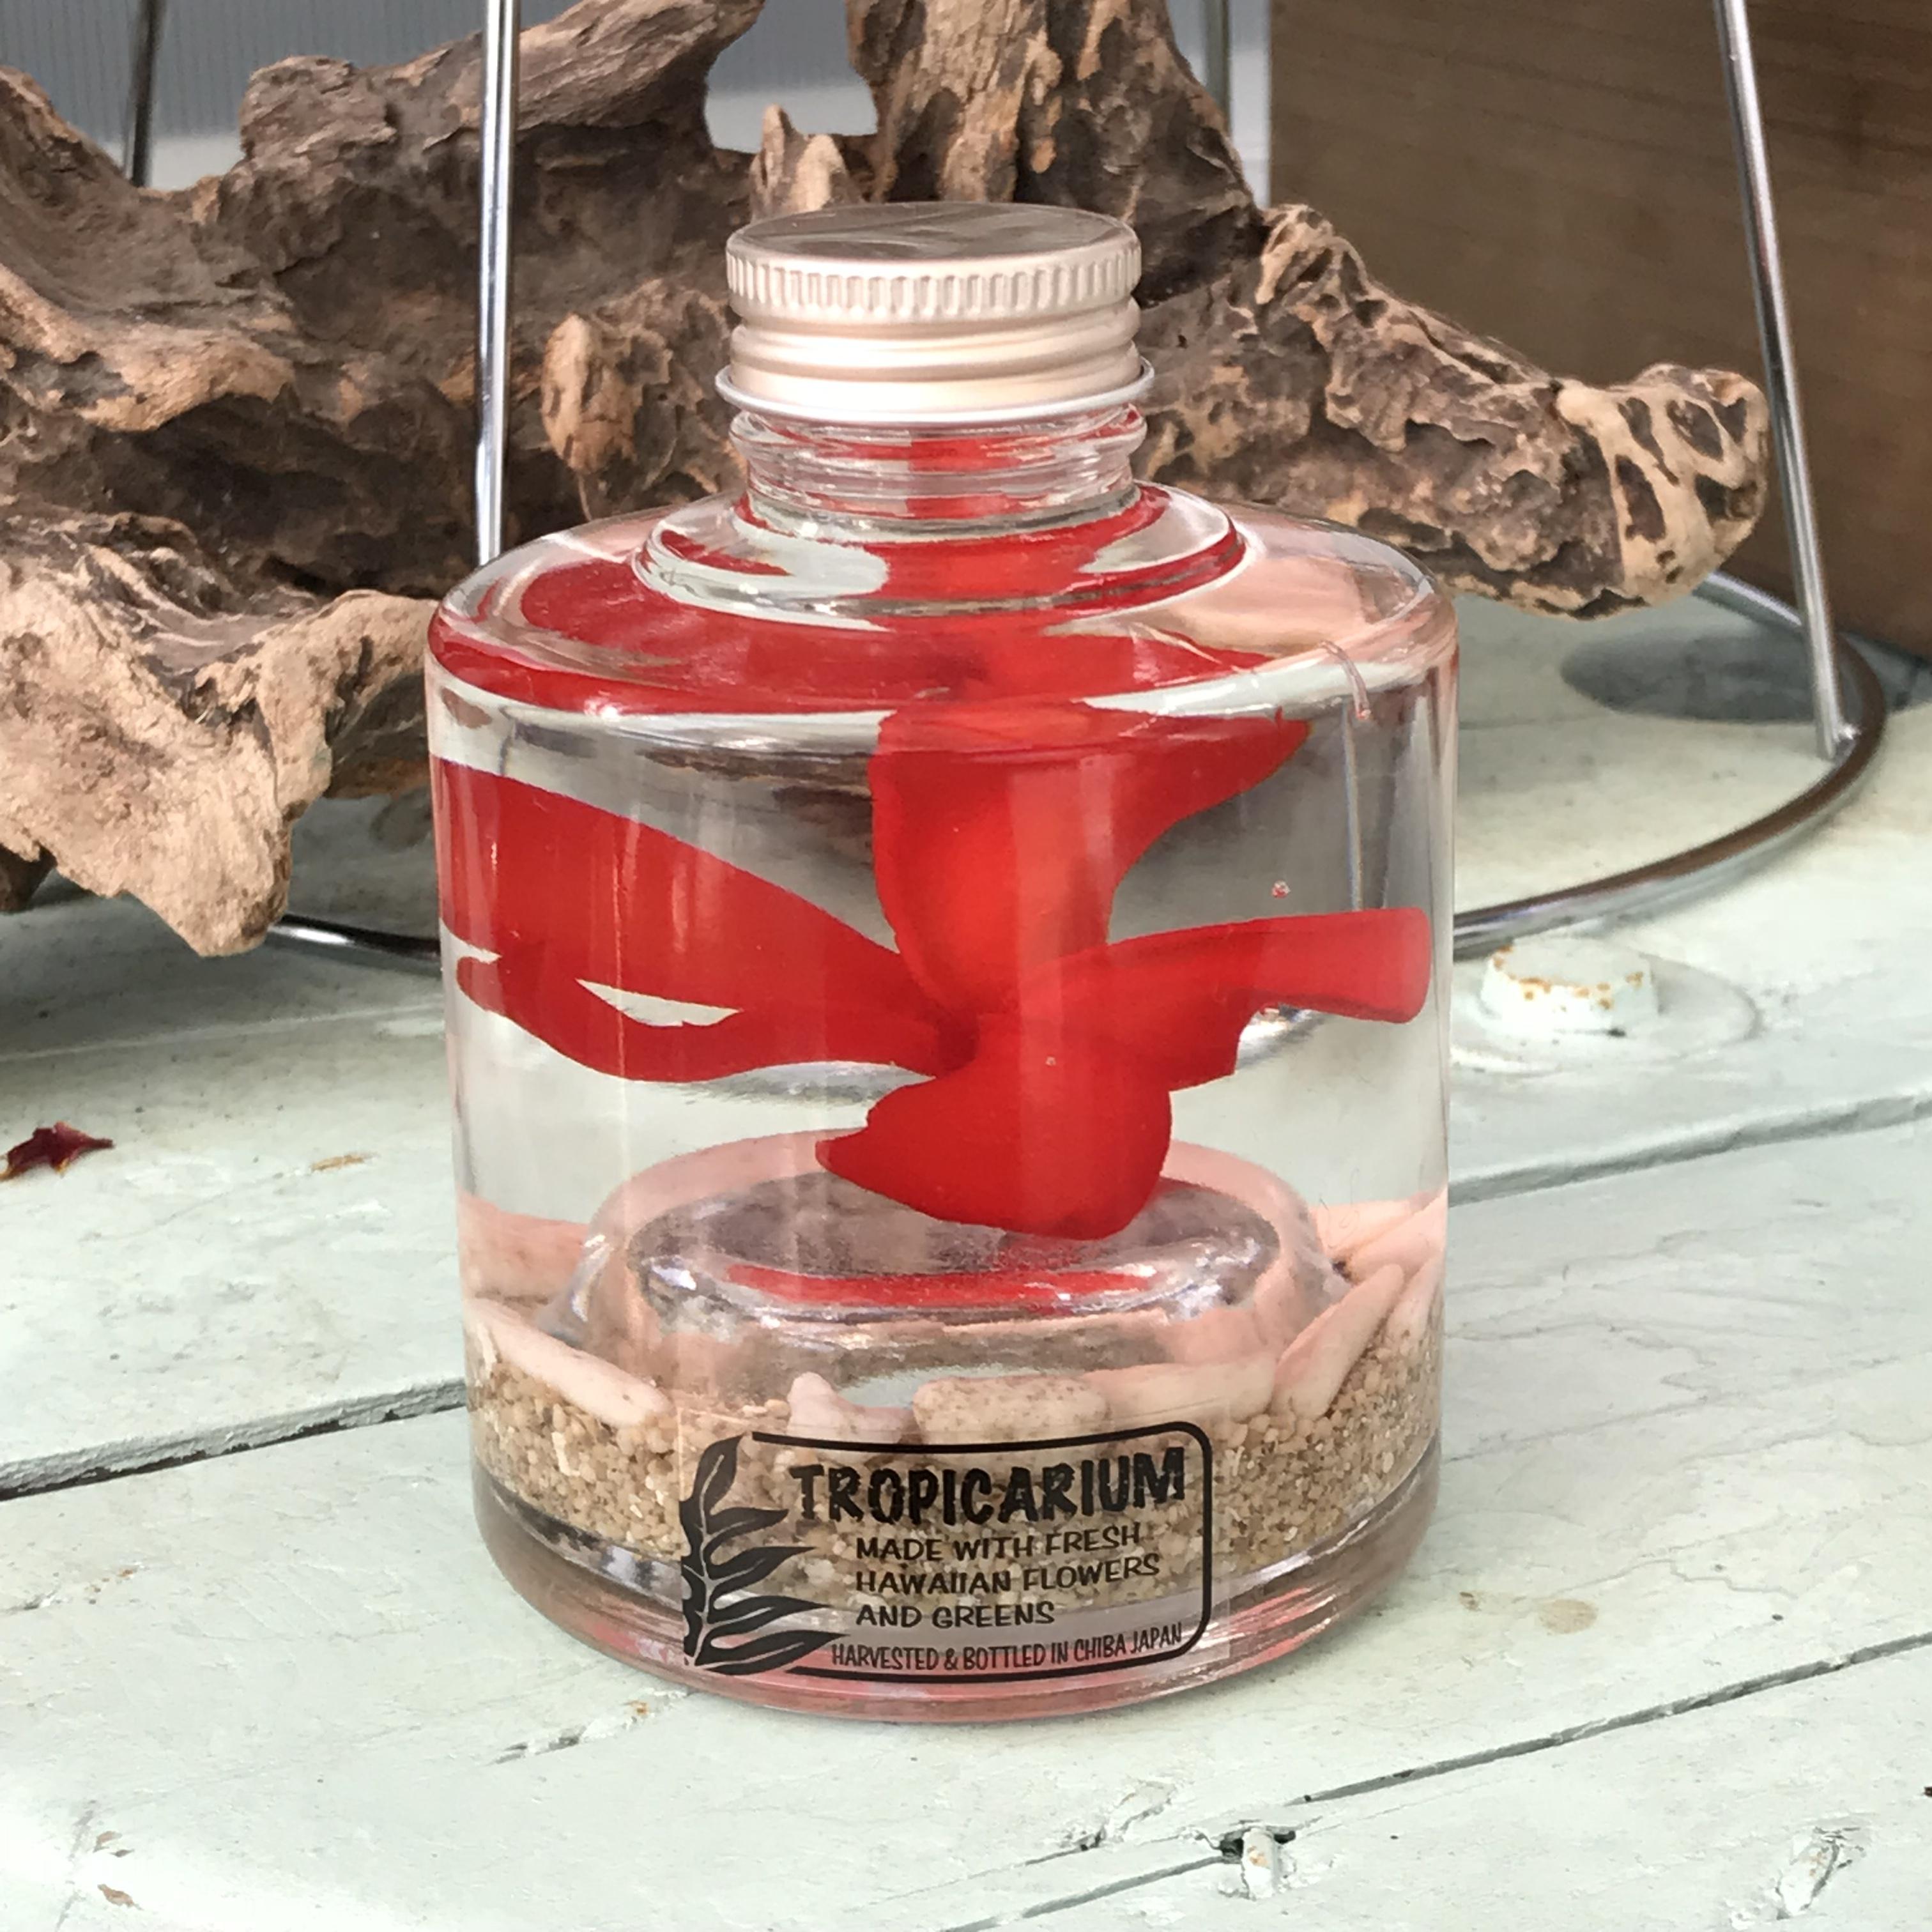 【ハワイアンなハーバリウム】プルメリアのトロピカリウム|レッド(スタッキングボトル・プリザーブド)